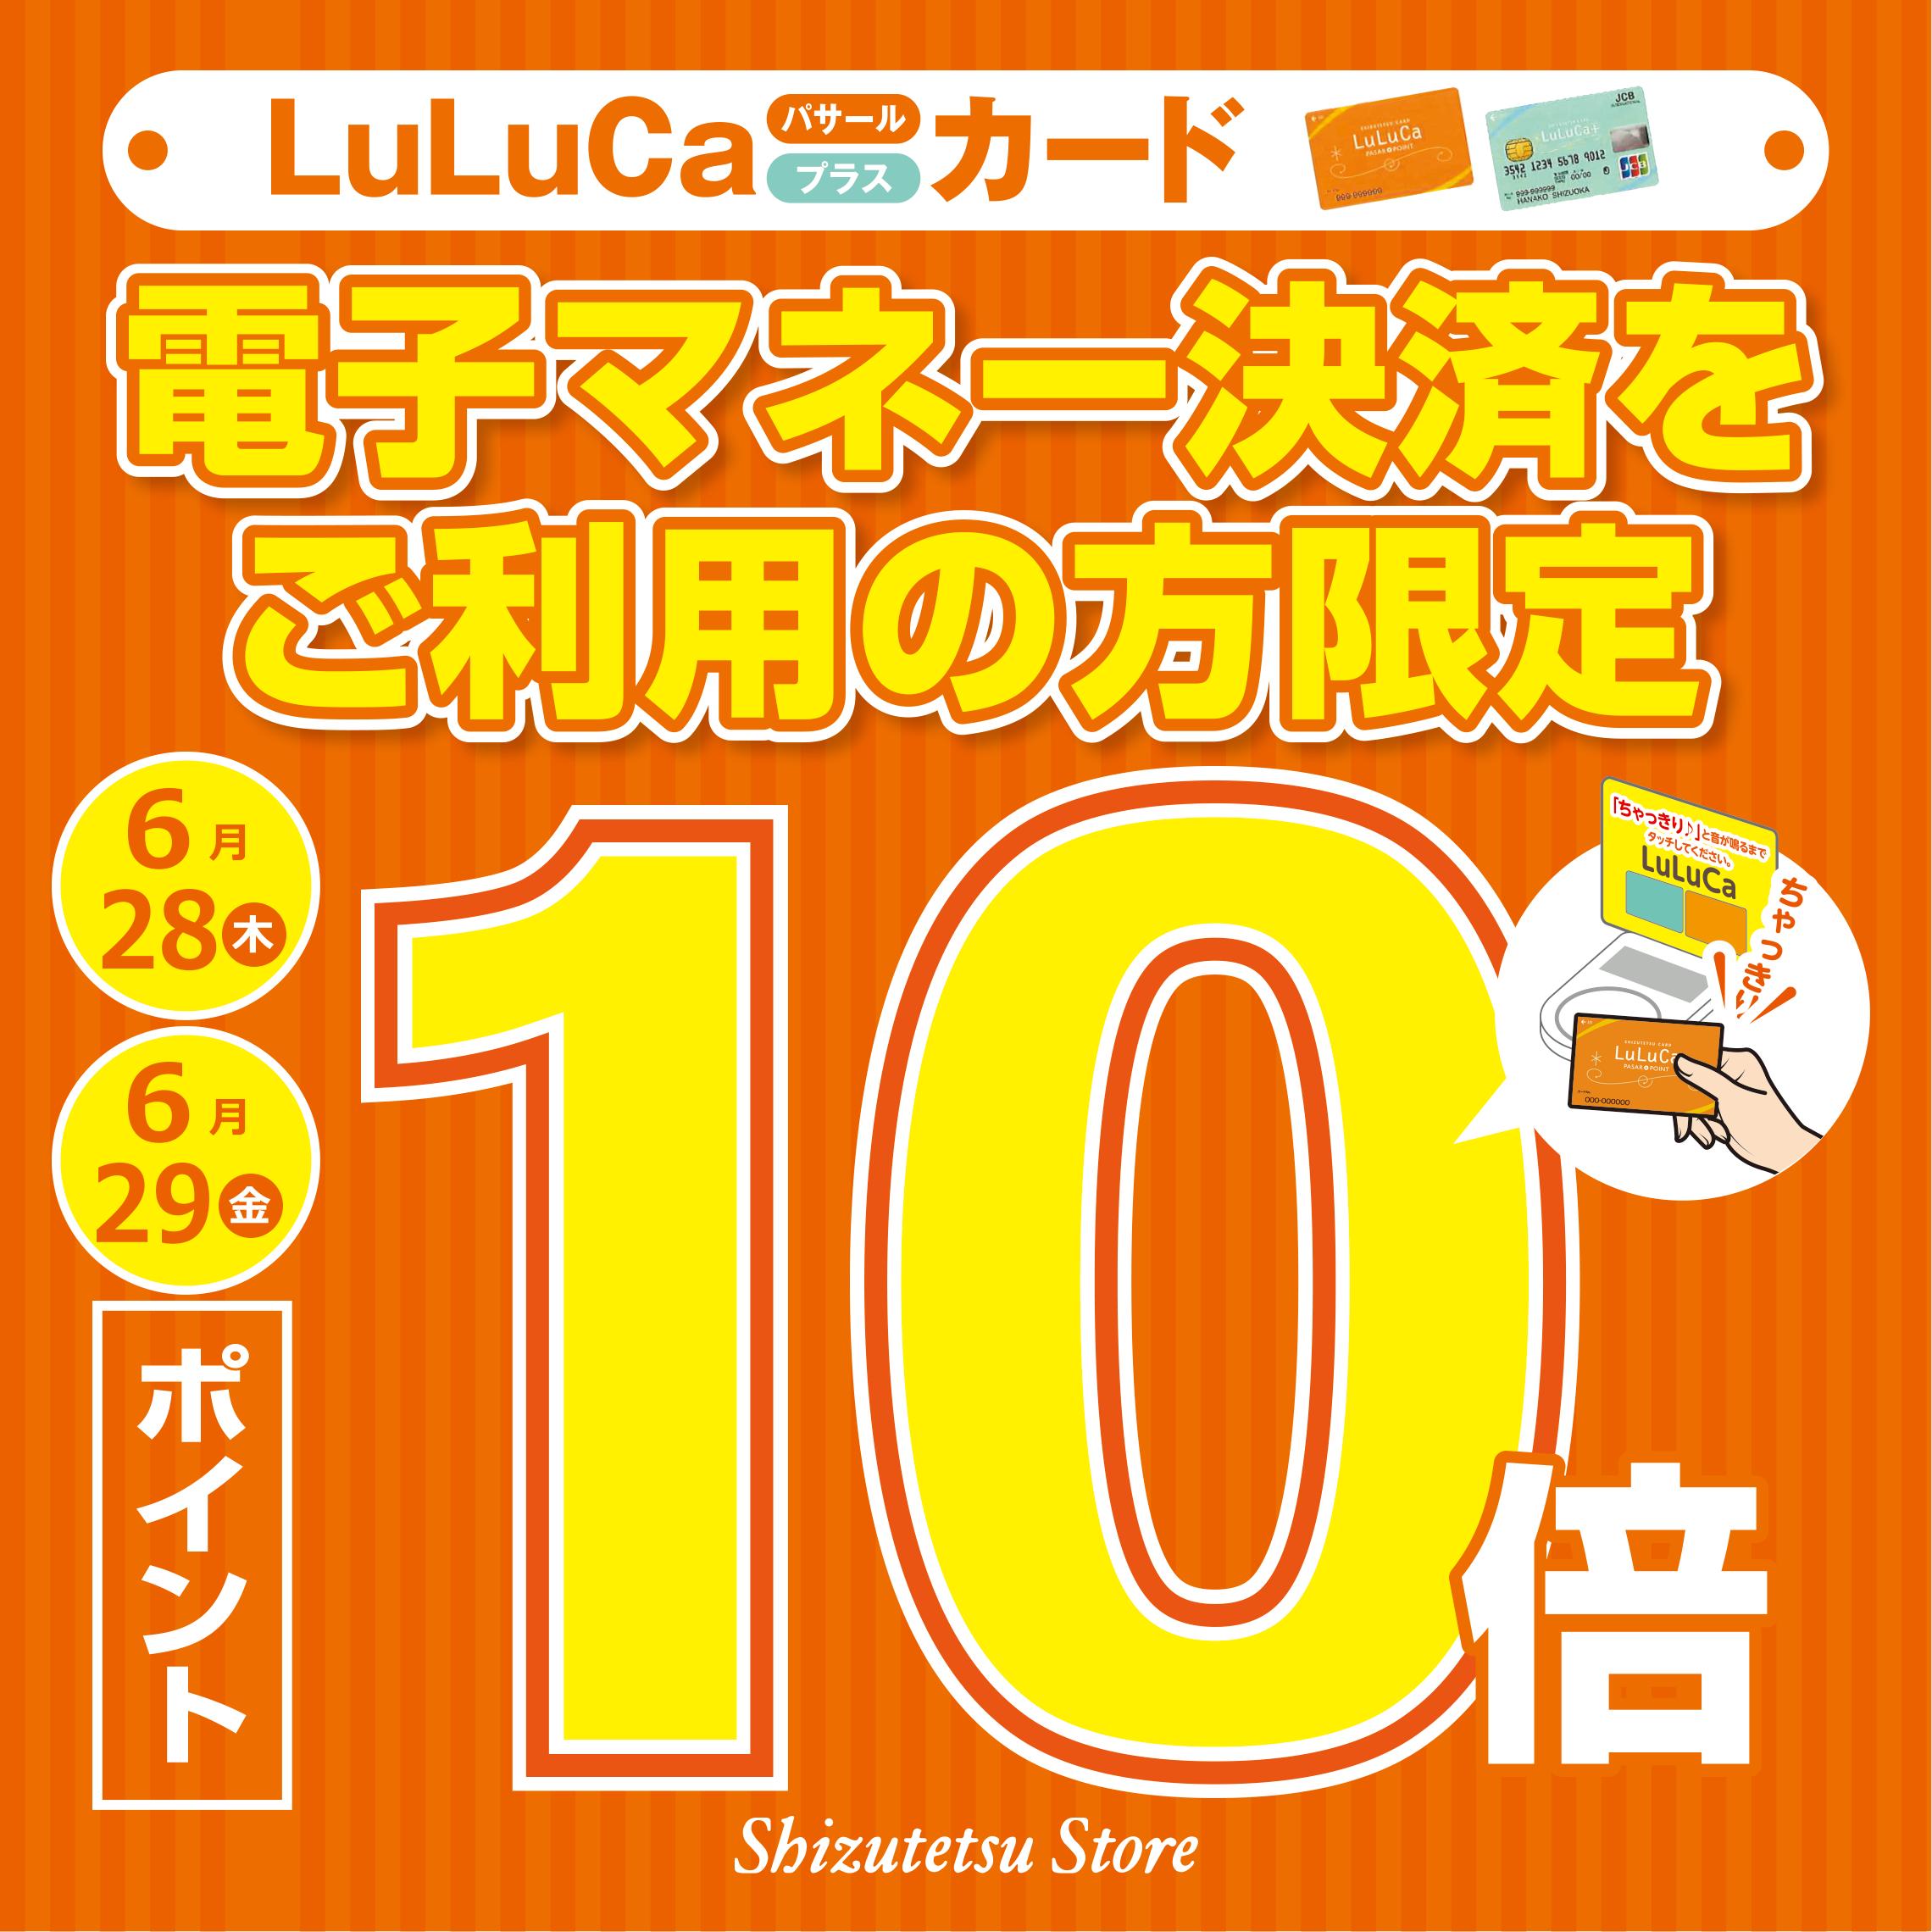 20180627_LuLuCa_03